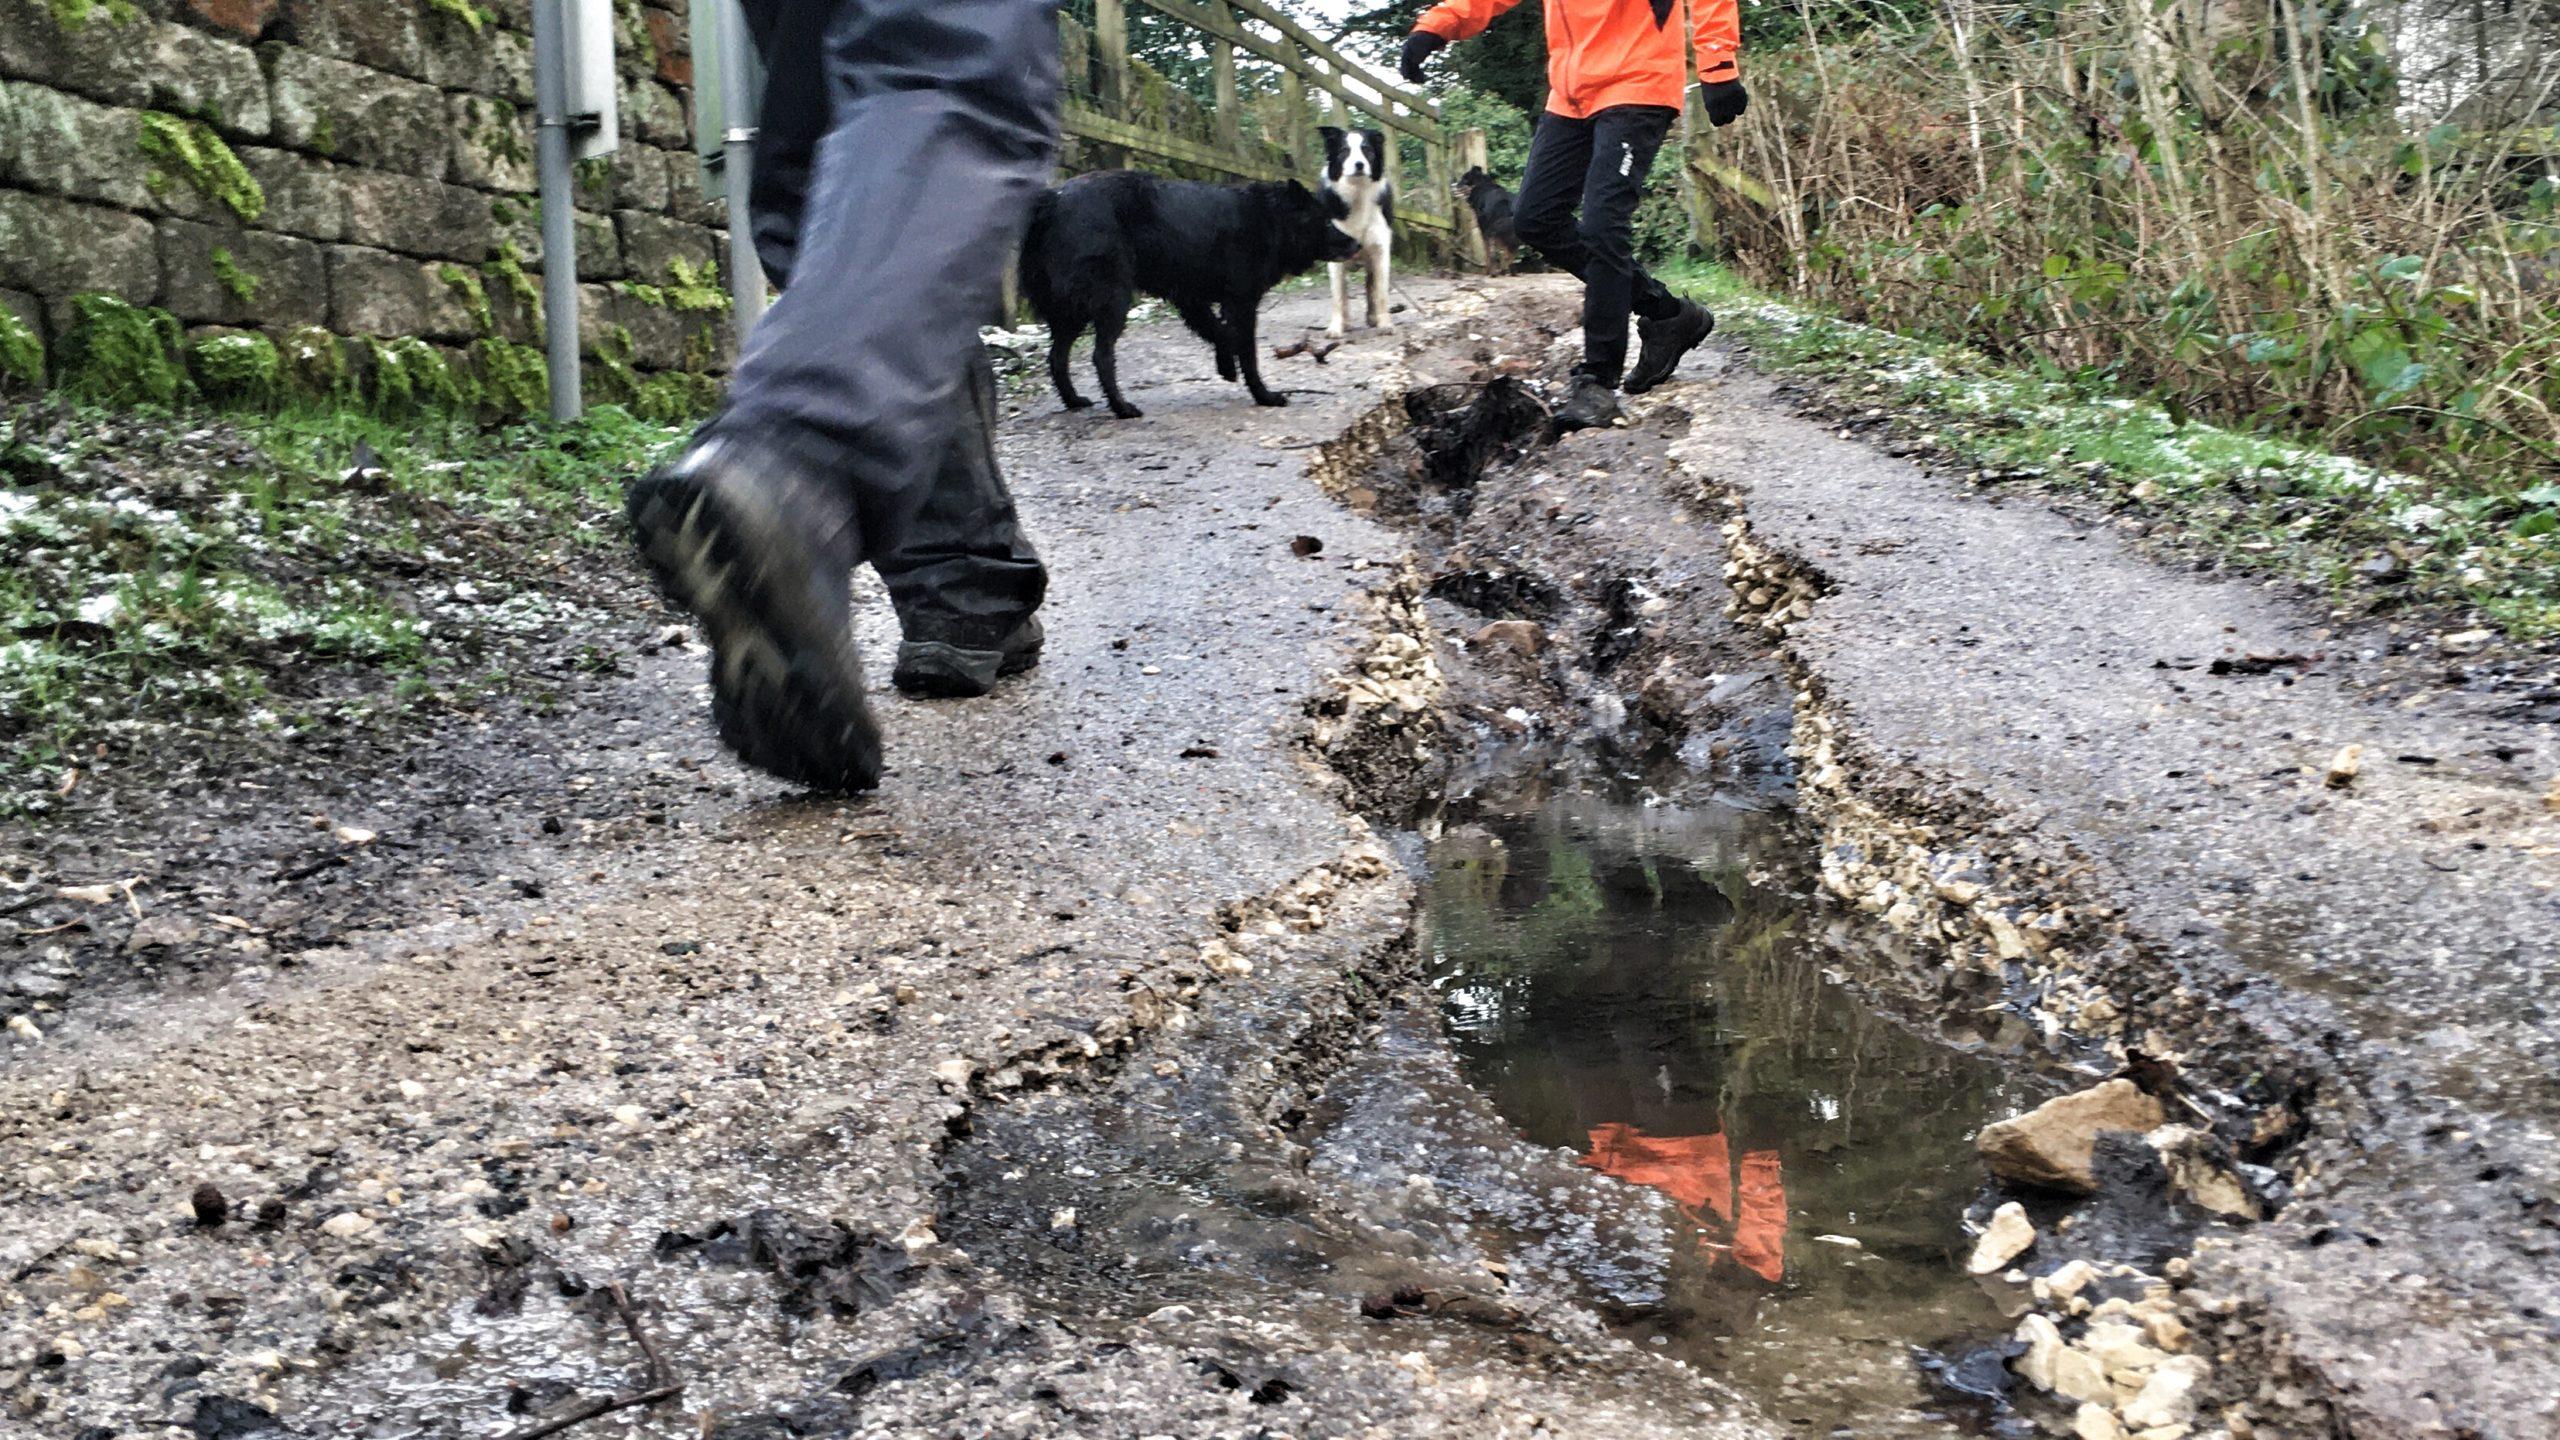 Flood damage on Damflask footpath